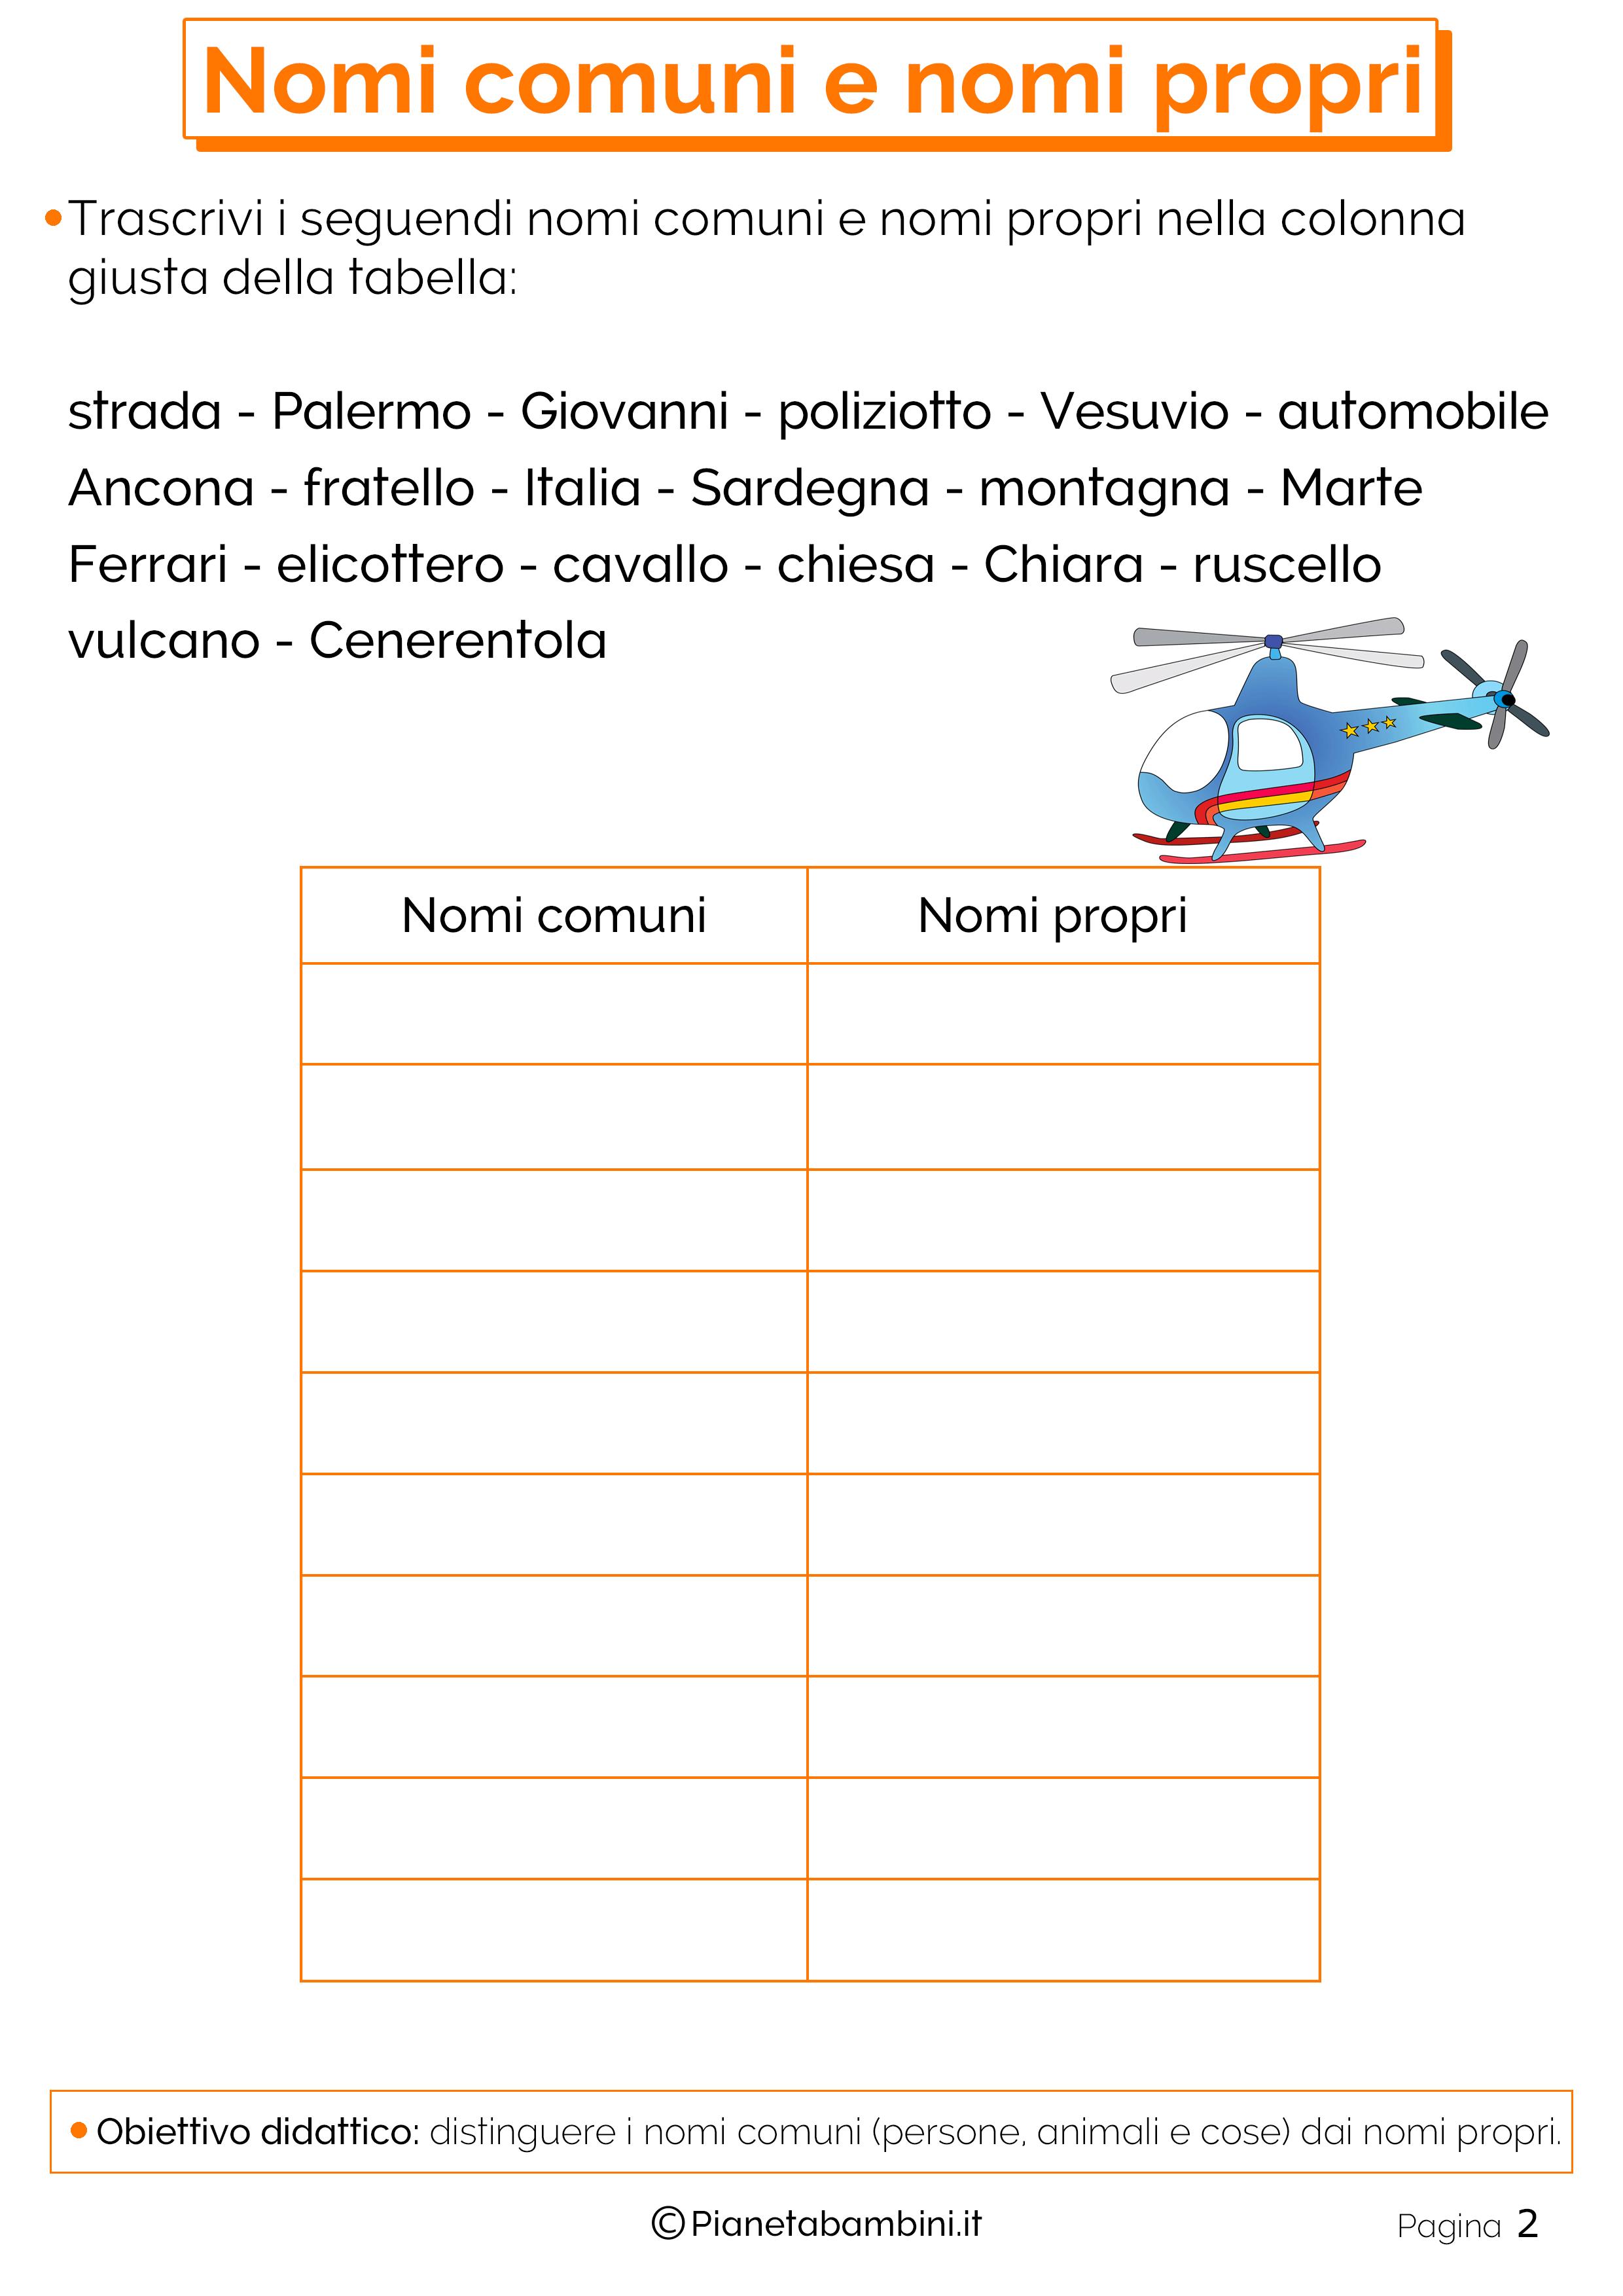 abbastanza Nomi Comuni e Nomi Propri: Schede Didattiche per la Scuola  CX78